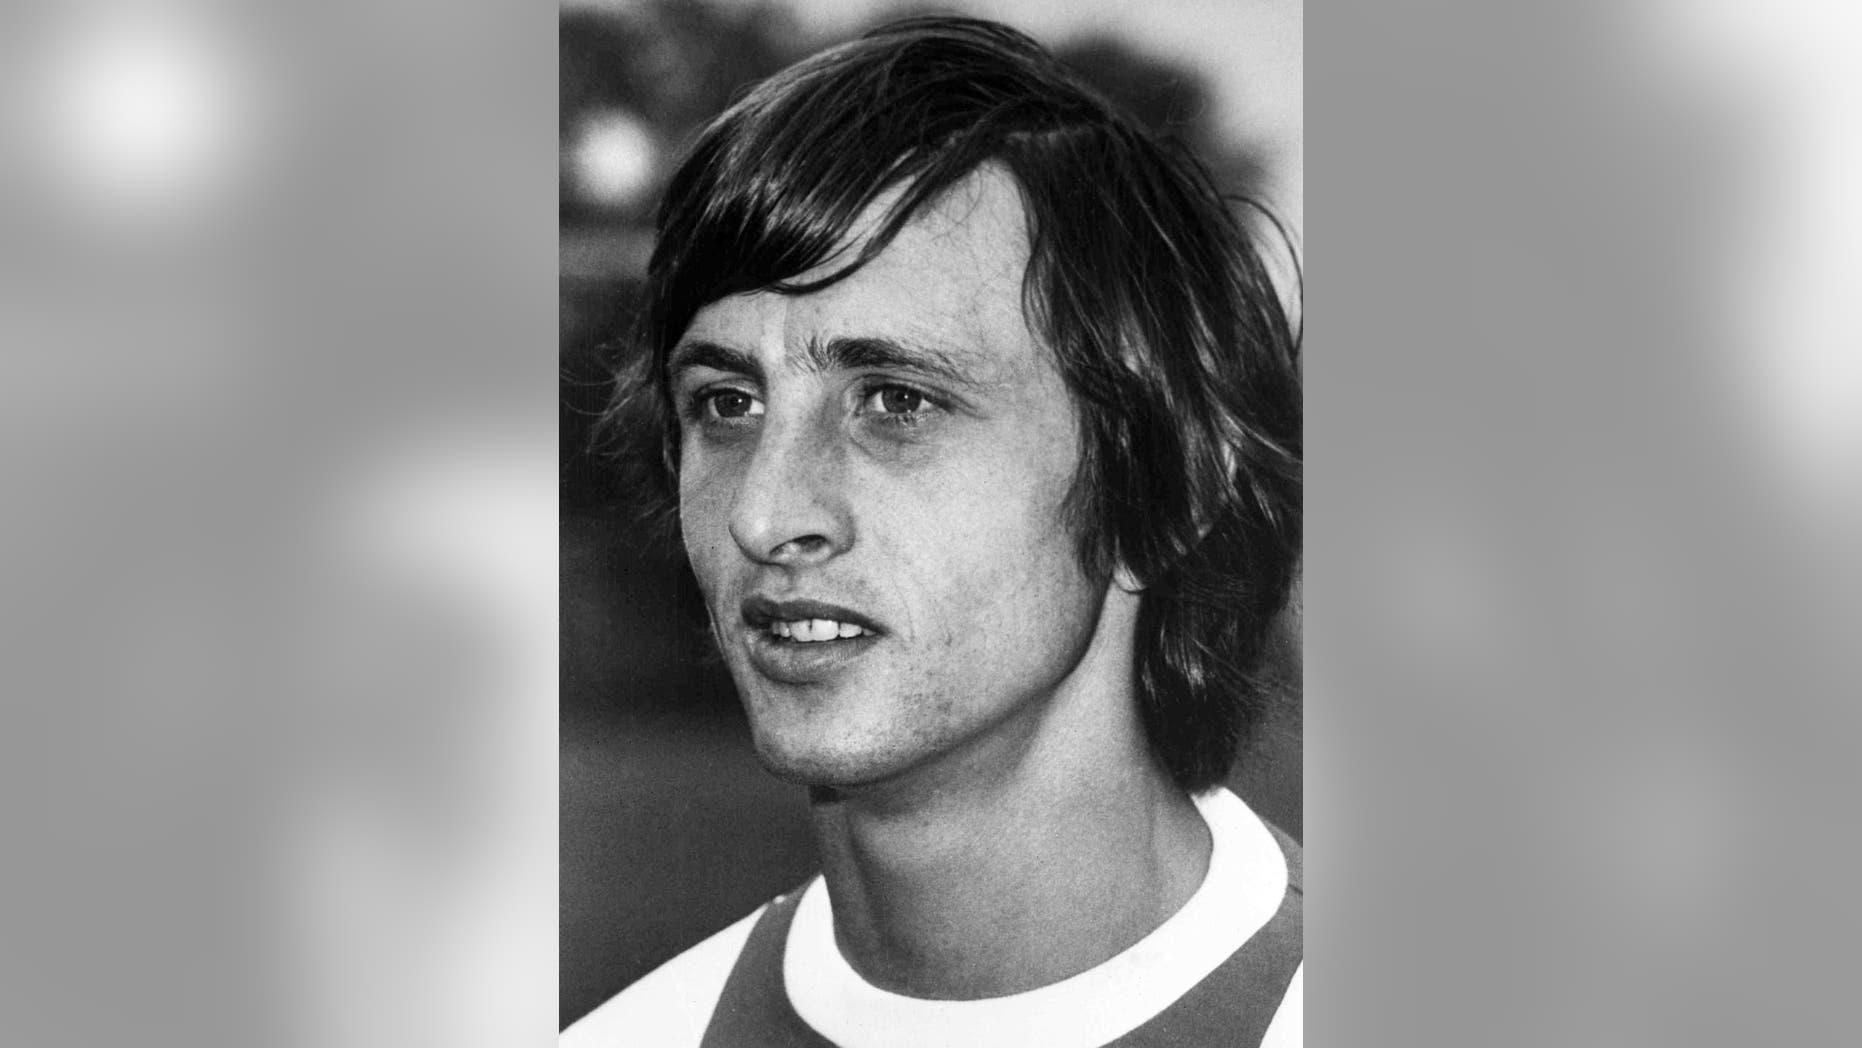 Johan Cruyff in 1972.